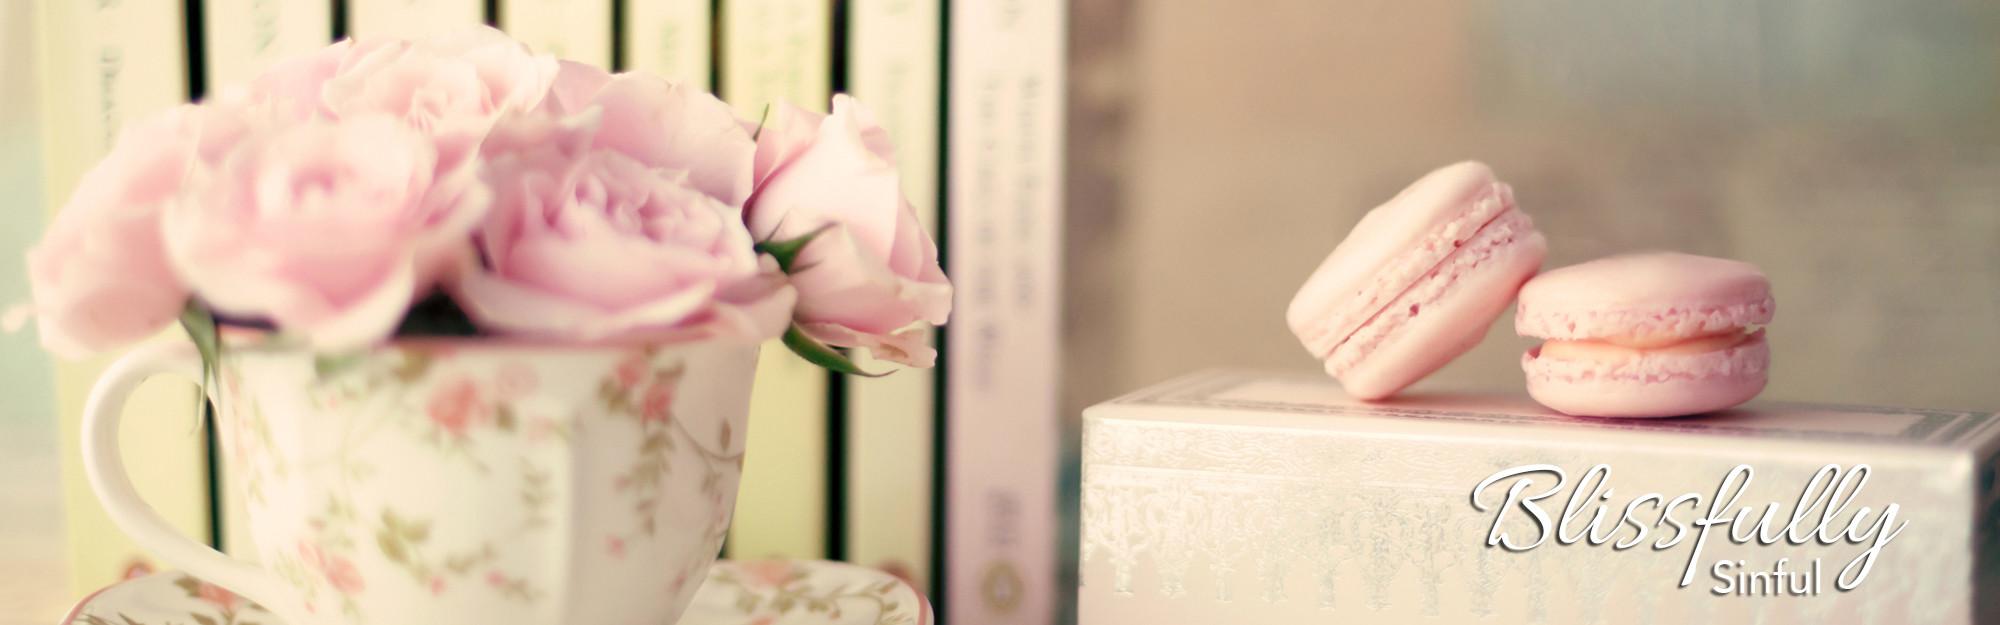 dolci-piu-macarons-wedding-cakes-roses-teacup-2